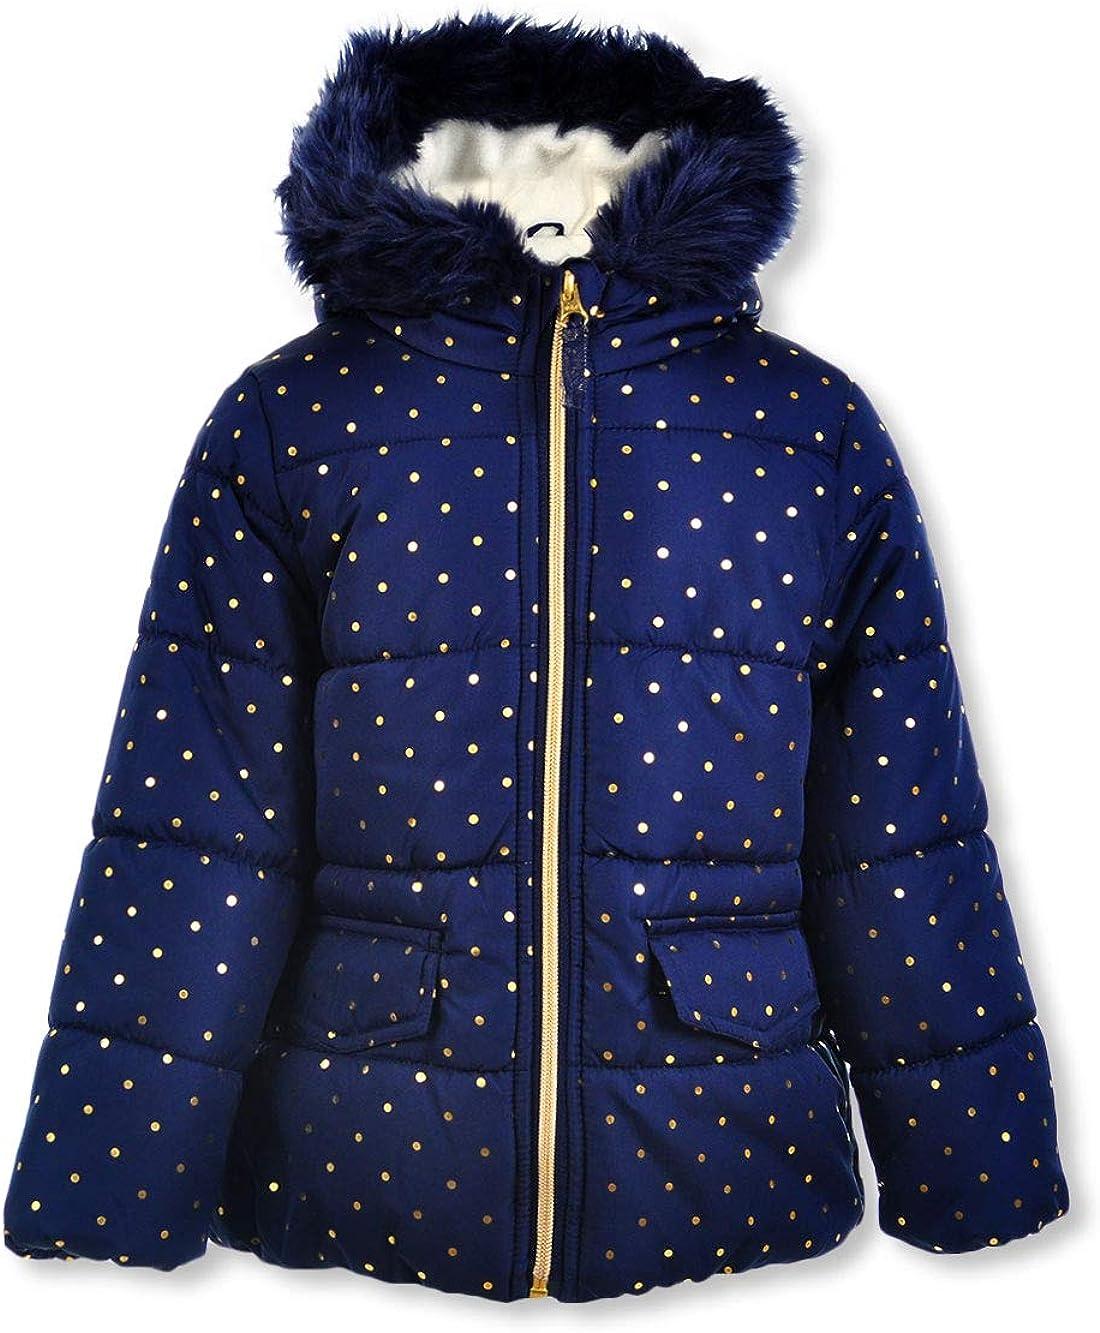 OshKosh B'Gosh girls Perfect Puffer Jacket